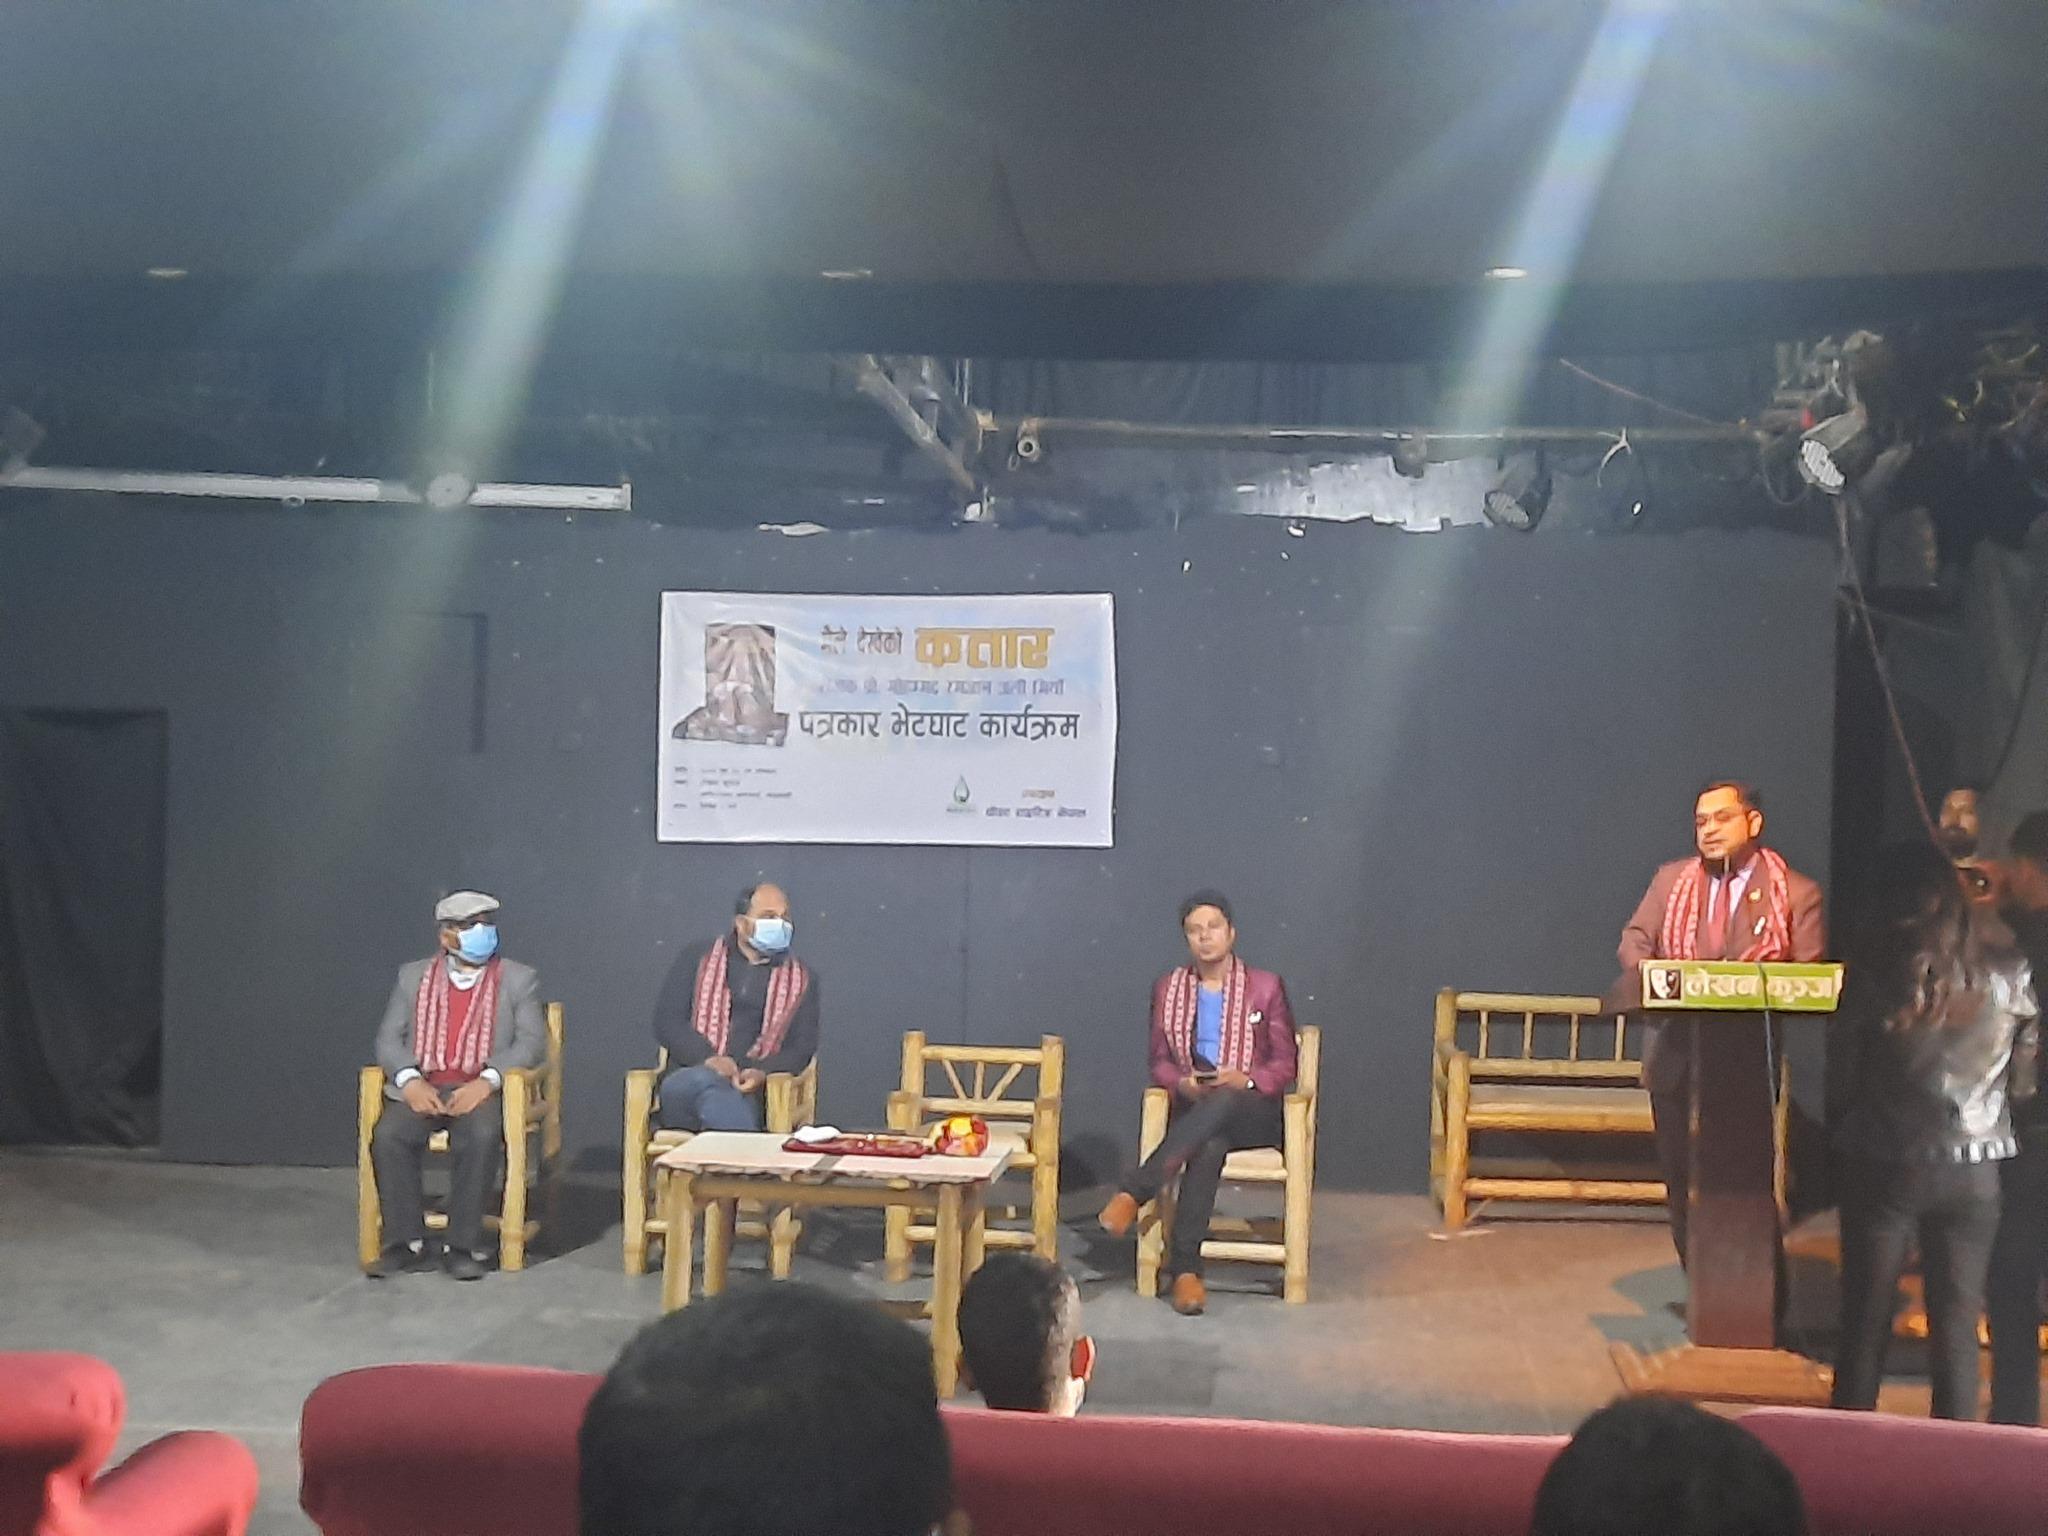 कतारमा सानो नेपाल : पुस्तक अंश